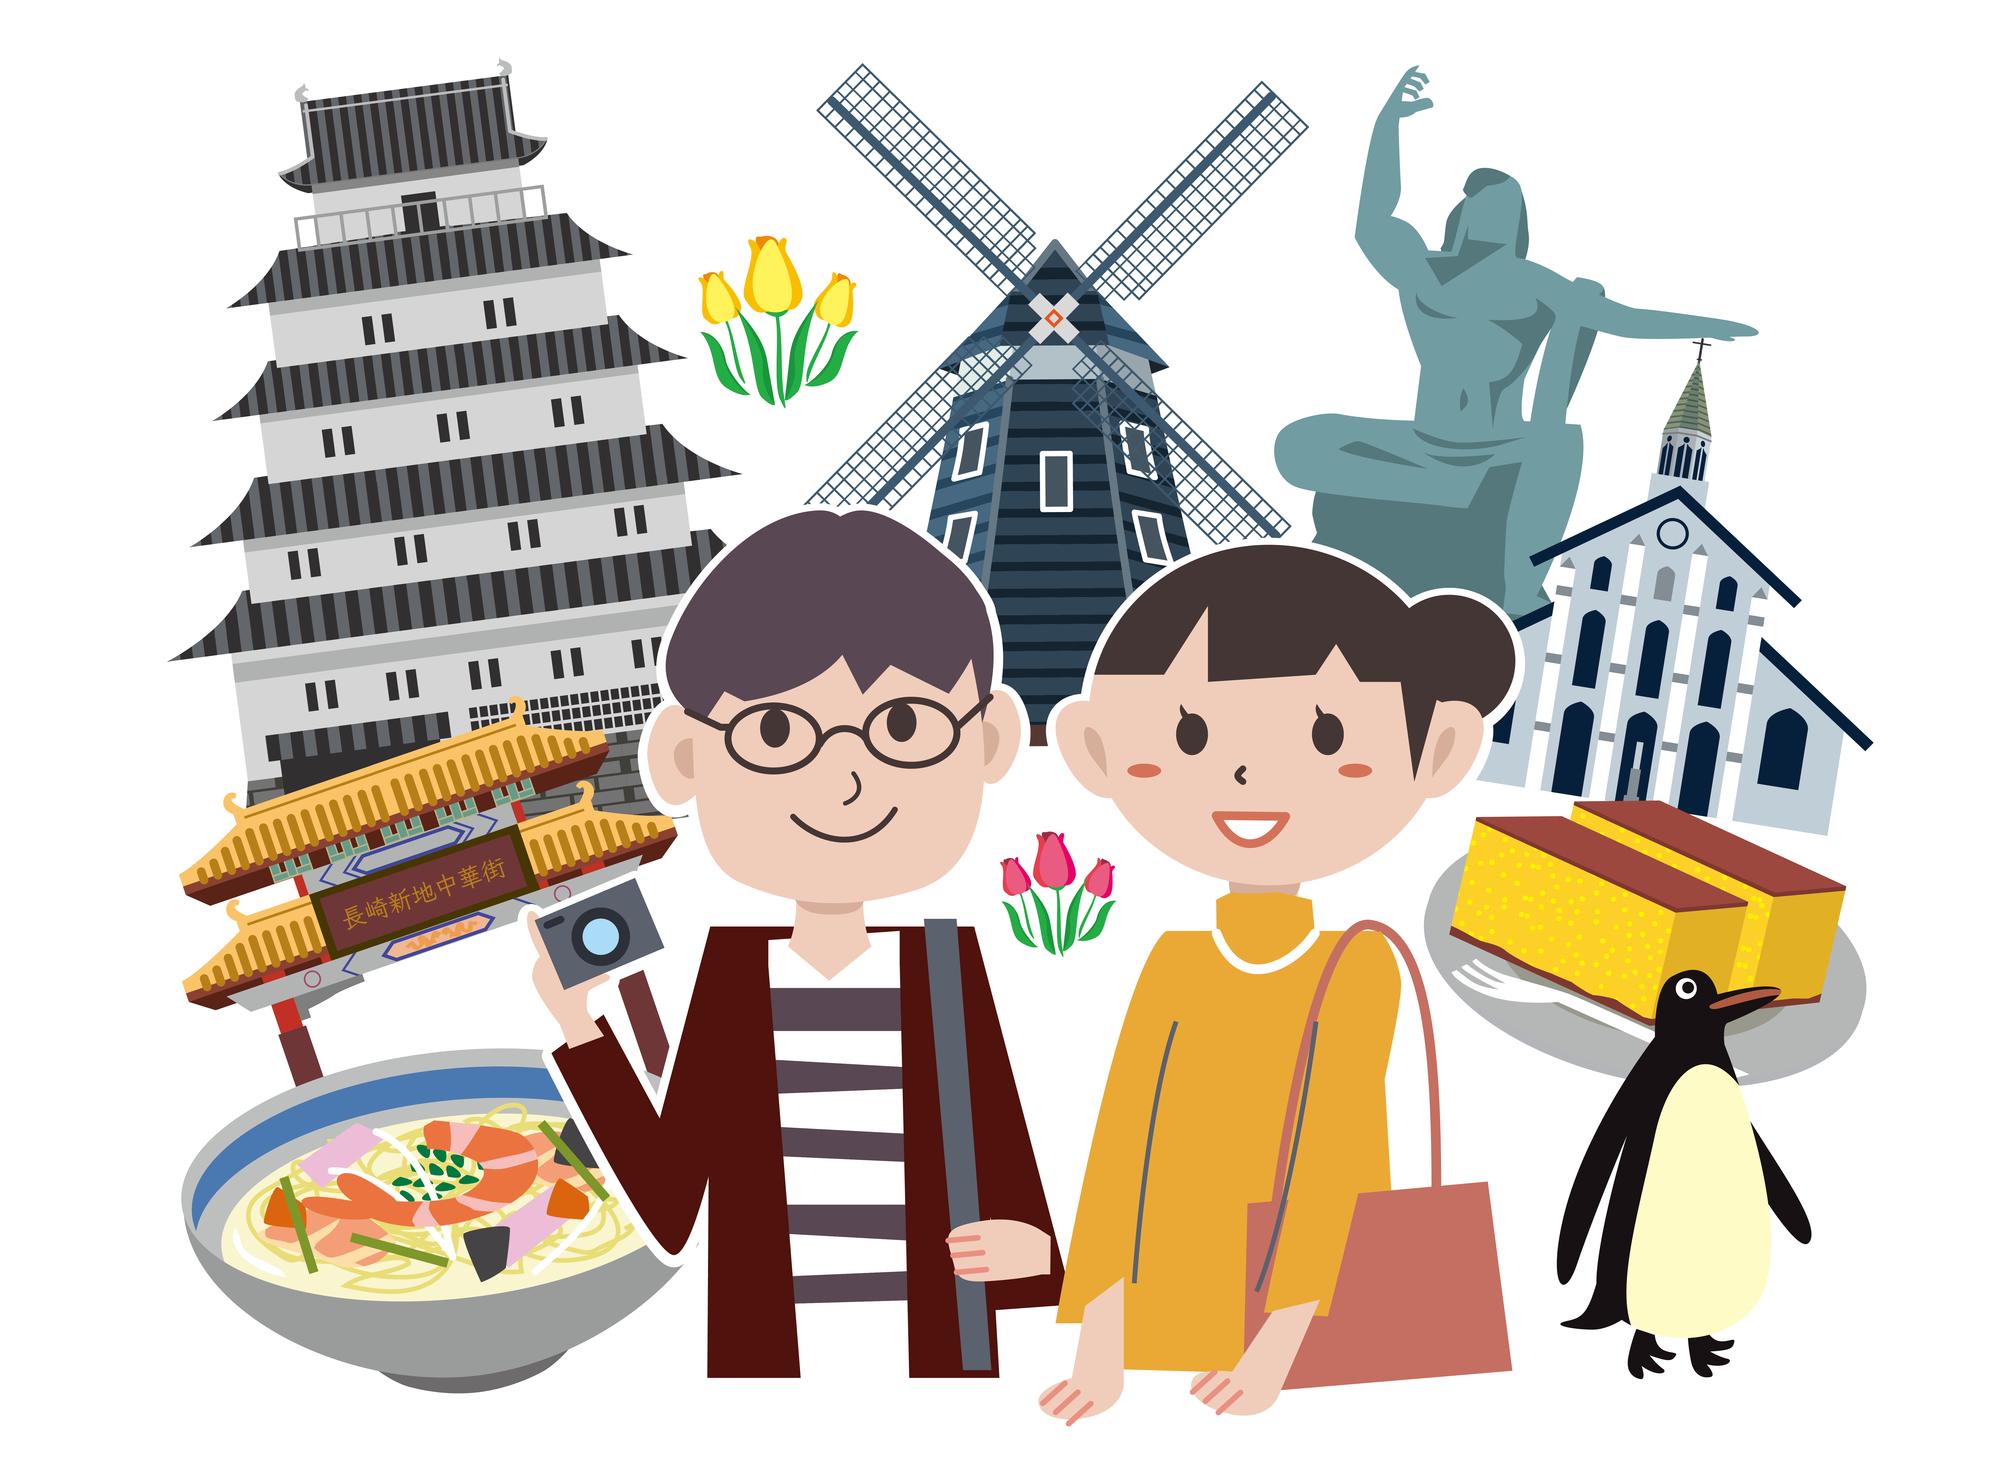 長崎県 西海市 さいかいふるさと発見講座